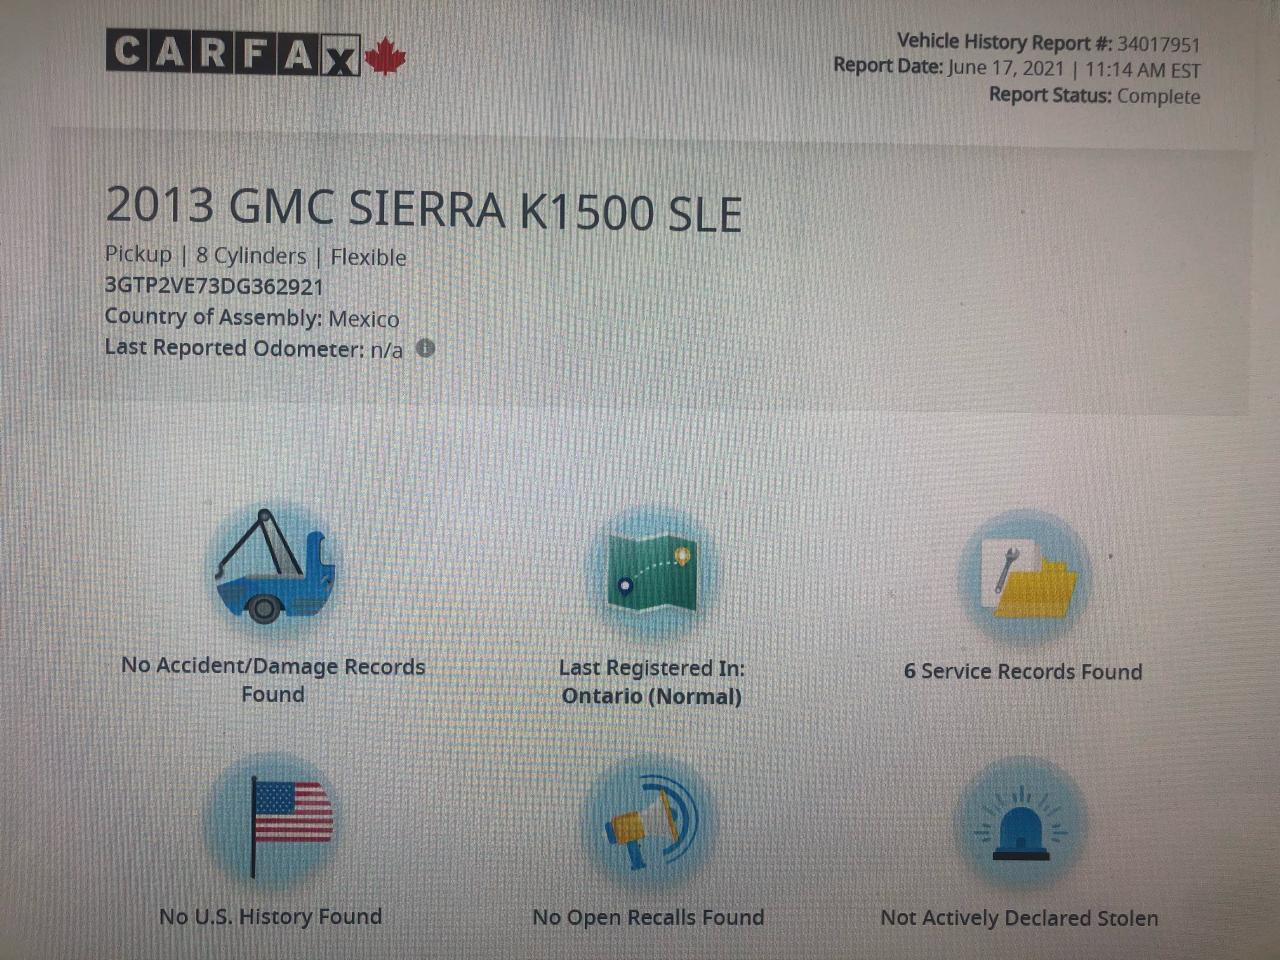 2013 GMC Sierra 1500